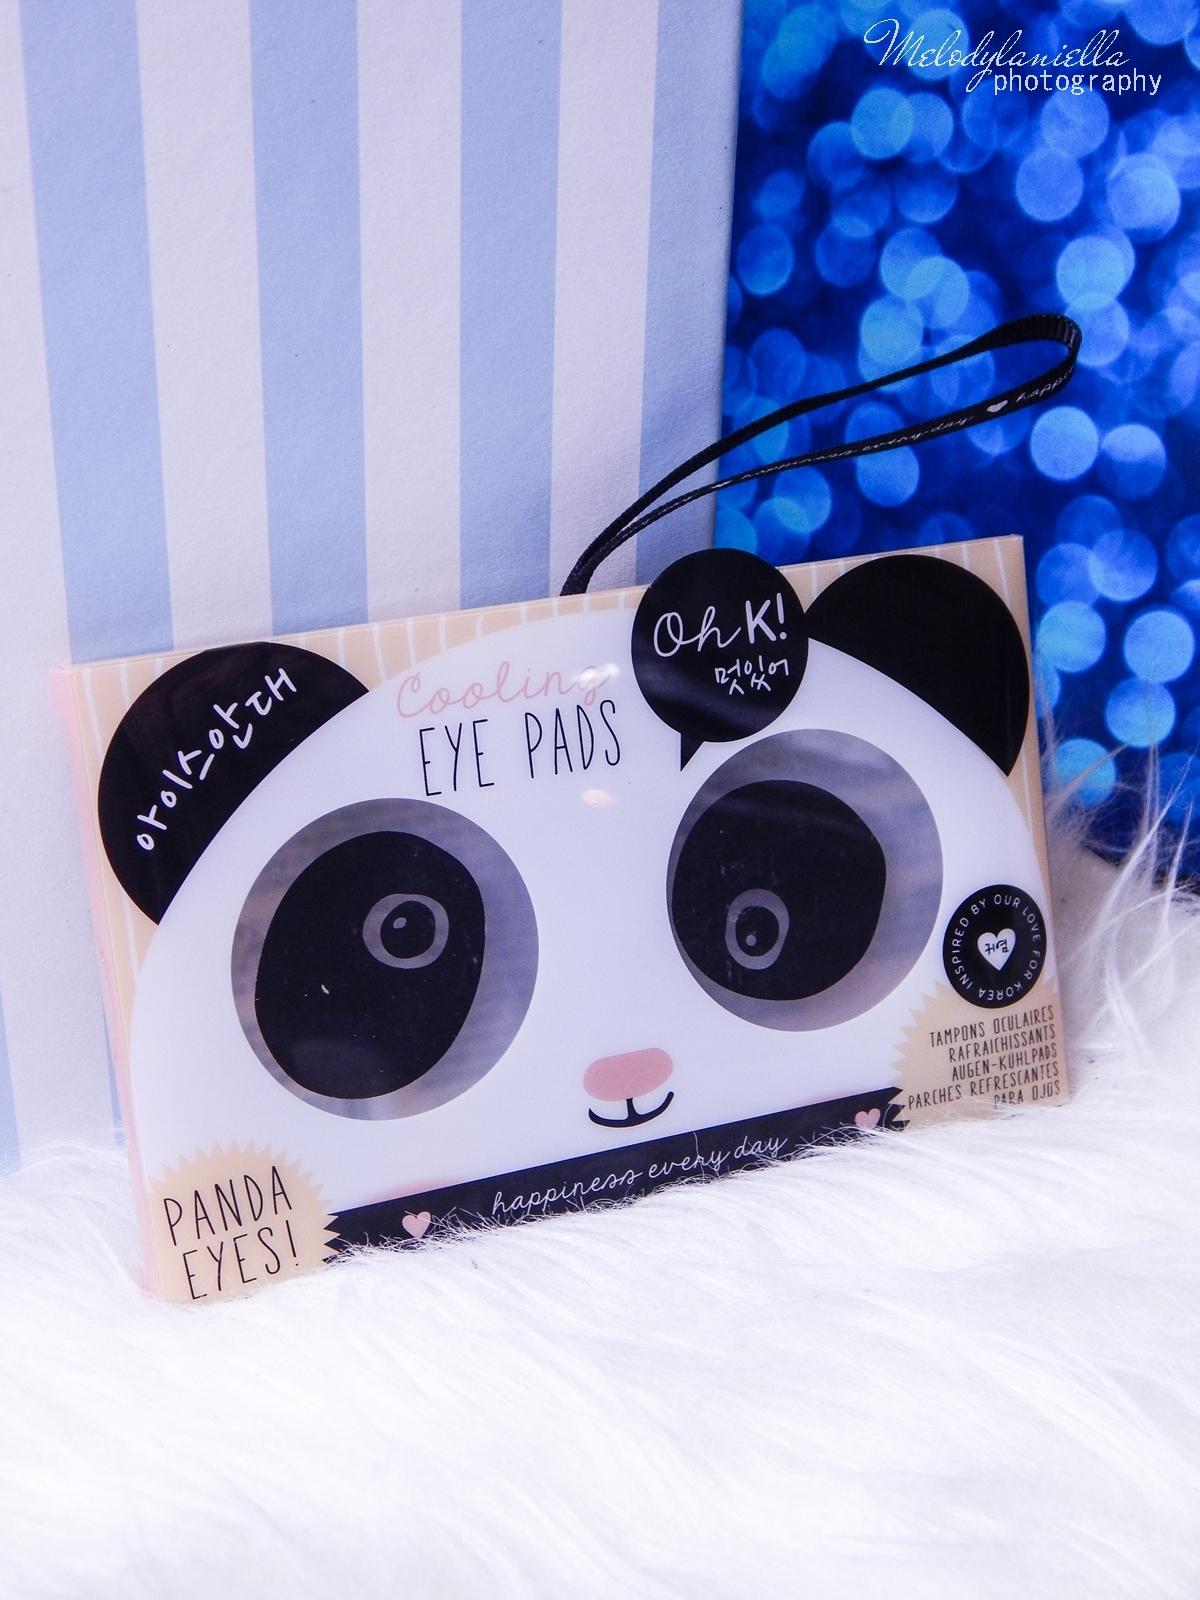 14 Oh! K Life koreańskie kosmetyki i gadżety słodkie dziewczęce dodatki maska do twarzy panda kosmetyczka w kształcie pandy lodowe płatki chłodzące okłady na oczy przeciw sińcom jak pozbyć się sińców pod oczami